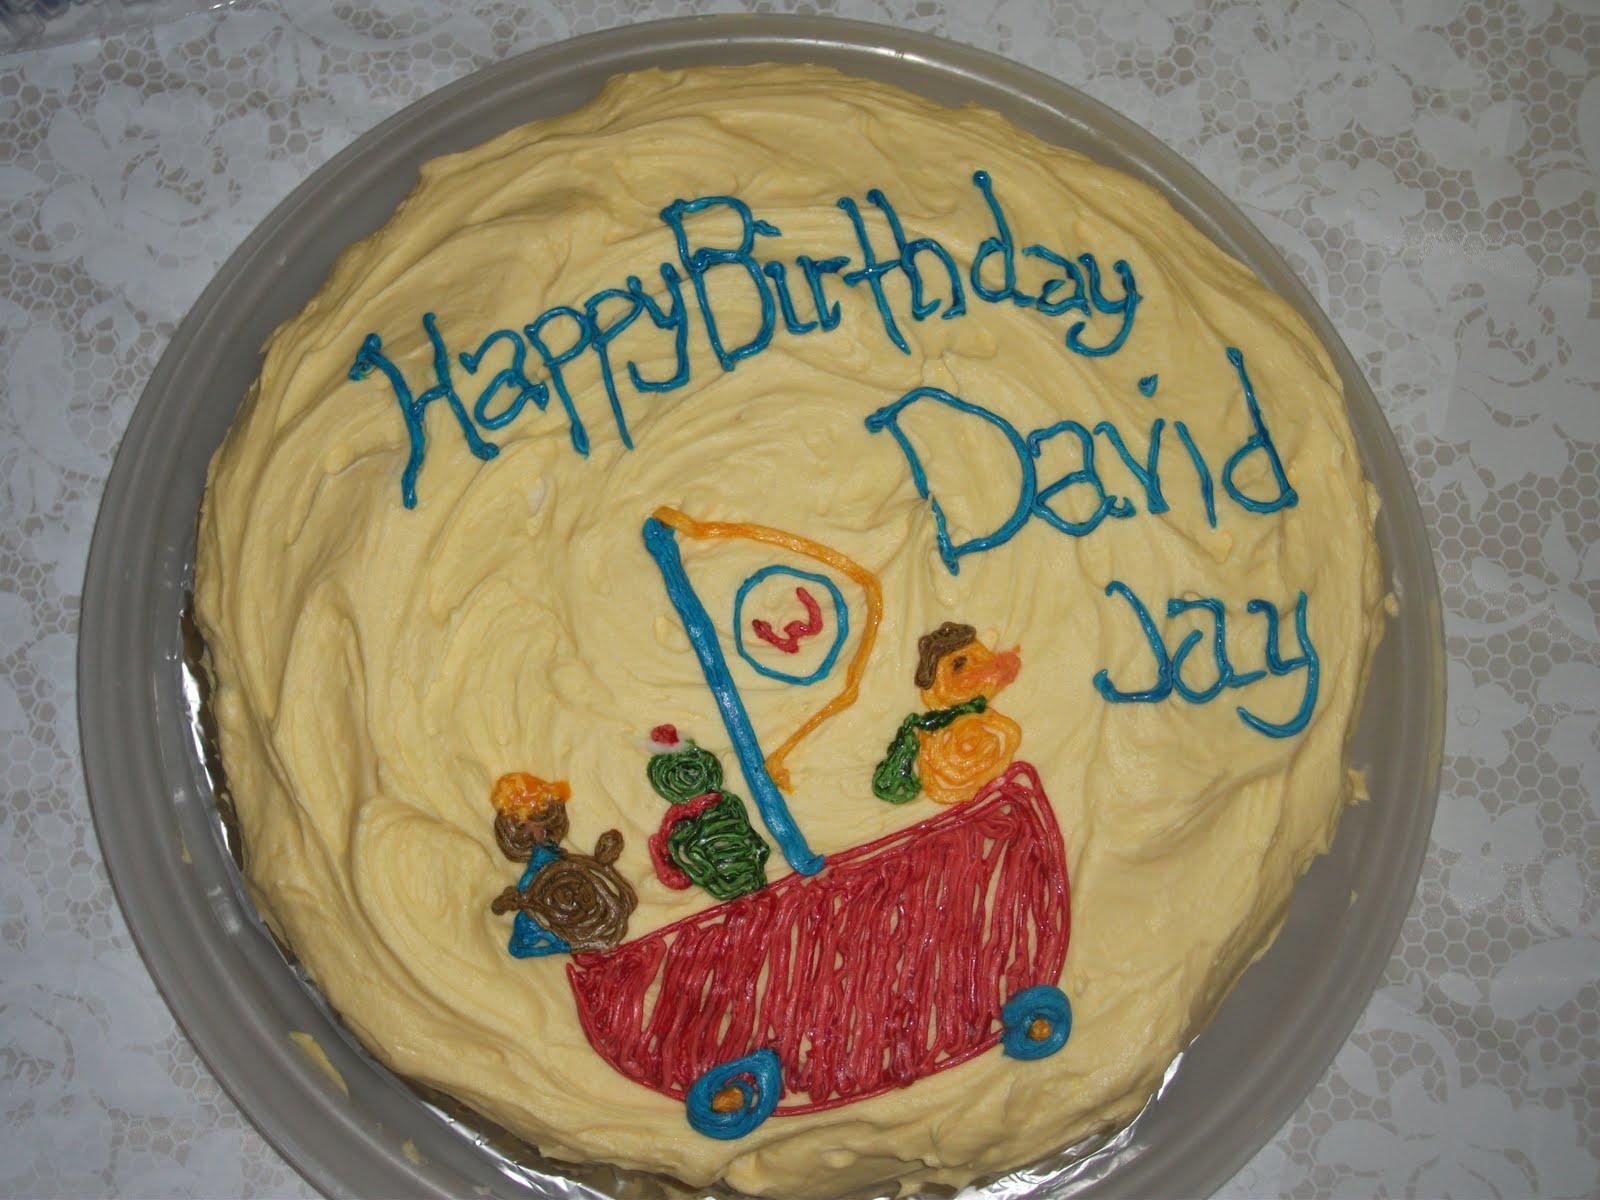 William And David Jay Happy Birthday David Jay